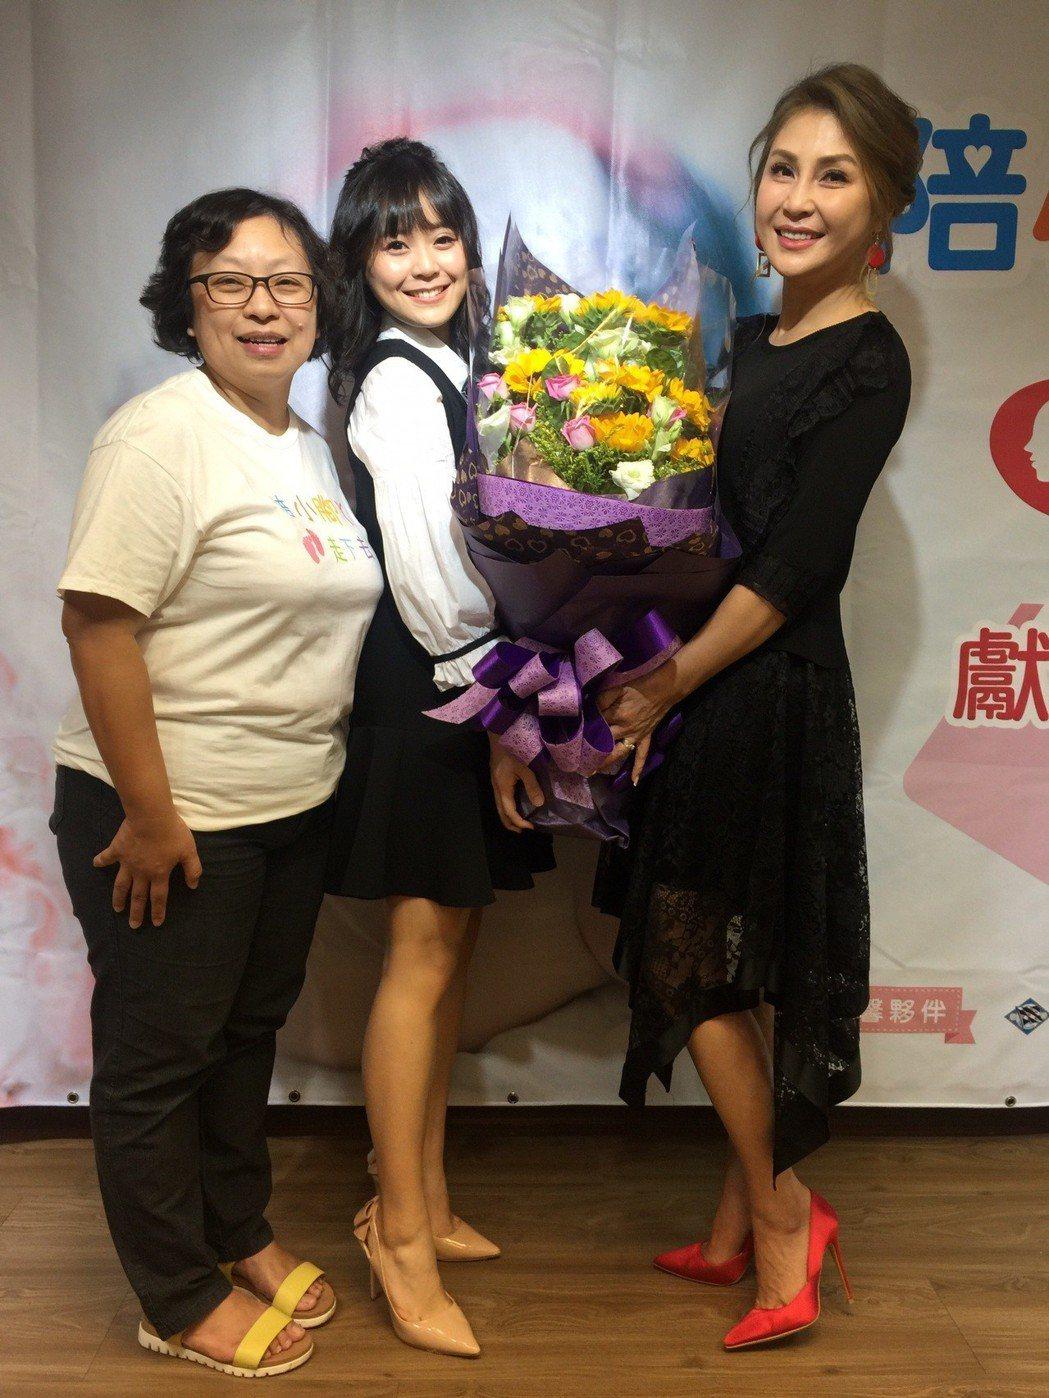 梁又南(右)帶女兒(中)出席勵馨基金會的活動。圖/民視提供